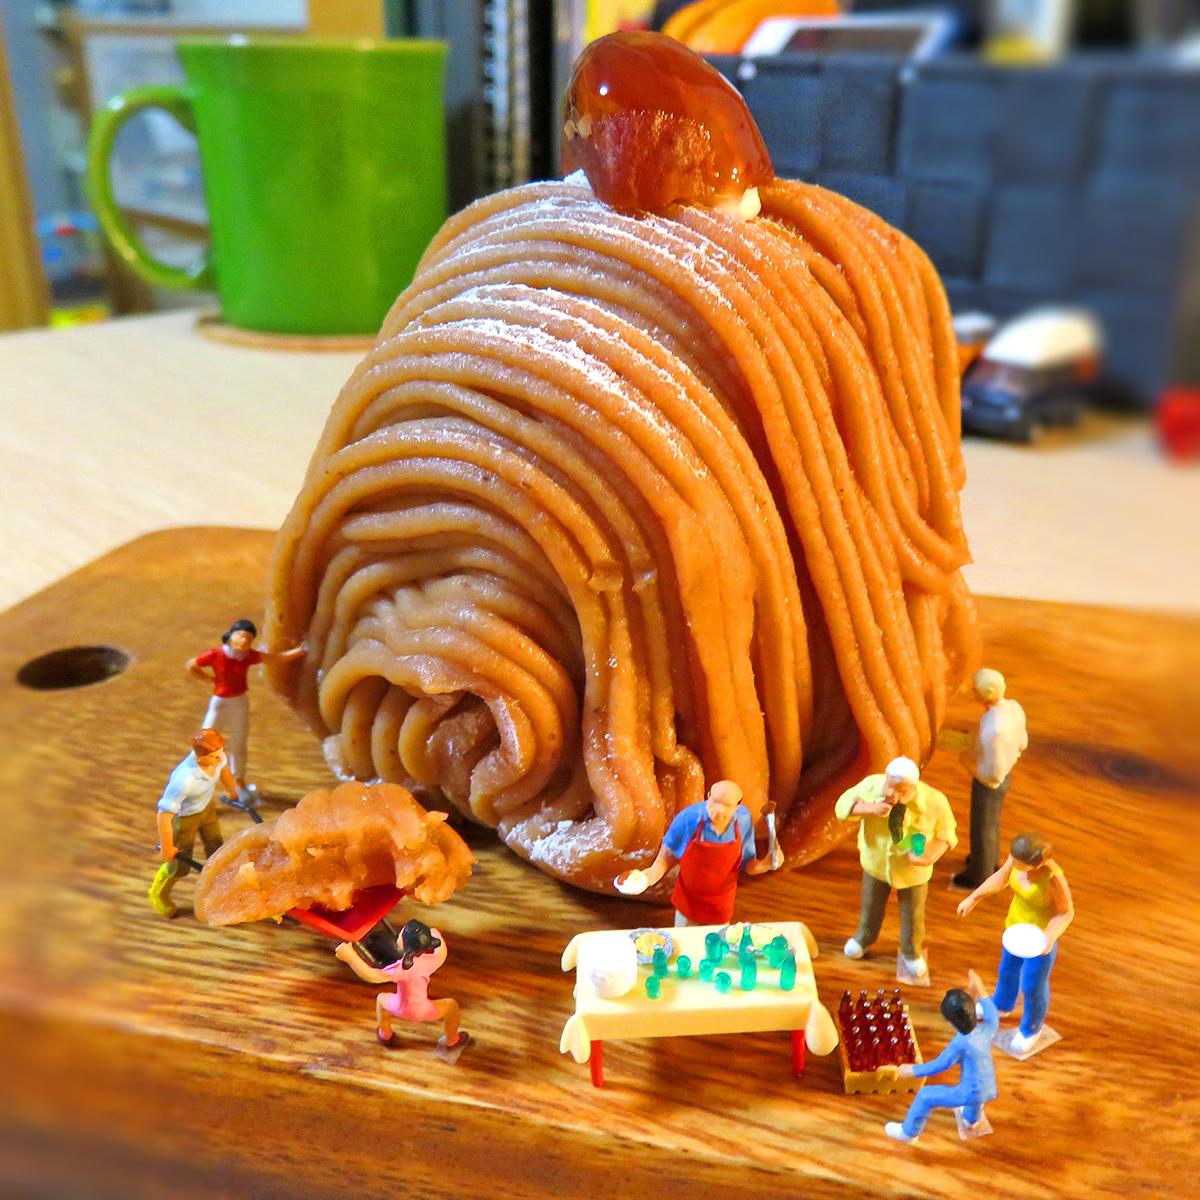 食欲の秋!巨大モンブランケーキパーティーで食べて楽しむ人達